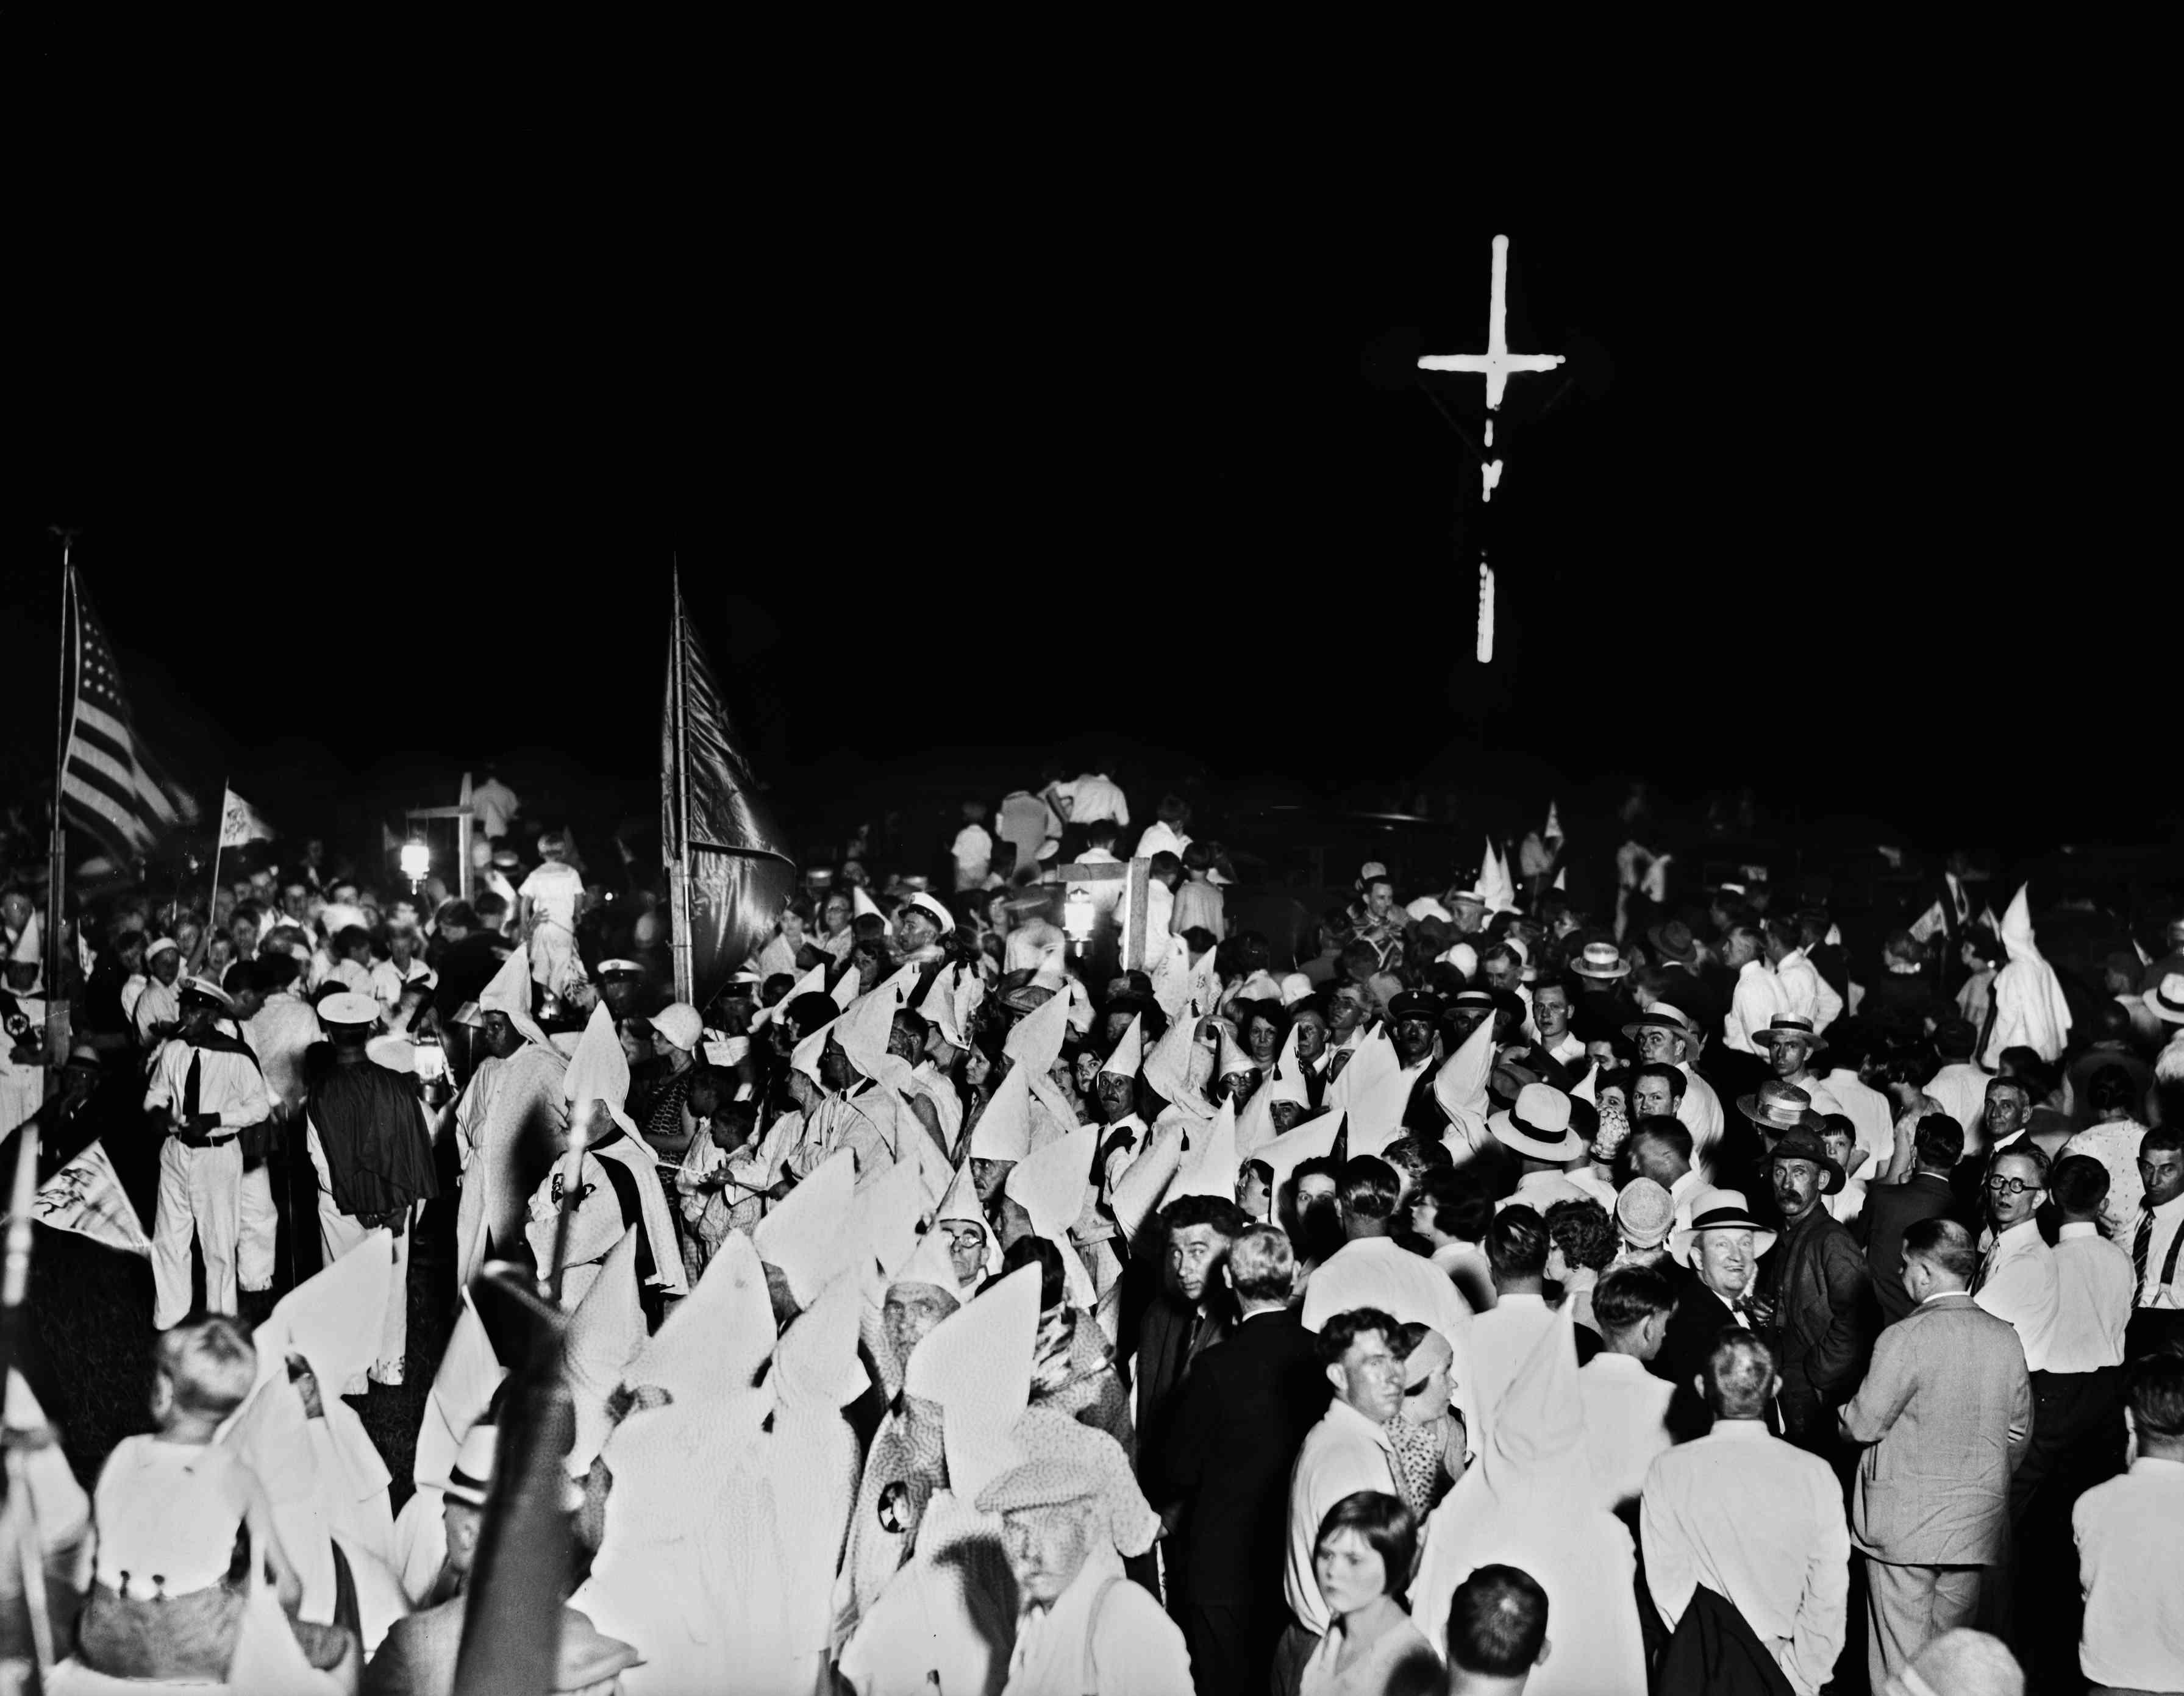 Ceremony Of Initiation Into Ku Klux Klan